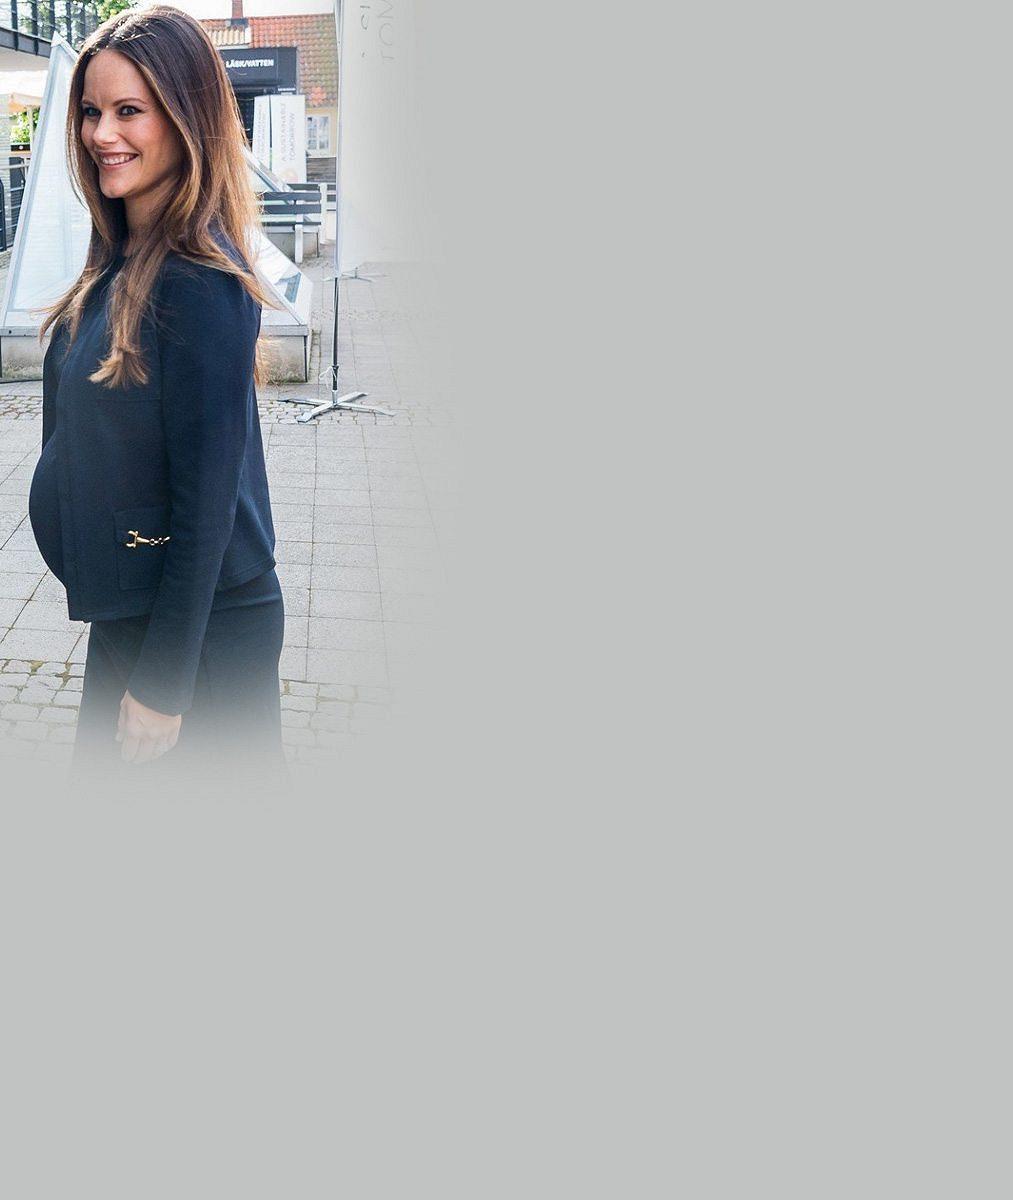 Další přírůstek do švédské královské rodiny: Princezna Sofia zHotelu Paradise je dvojnásobnou maminkou